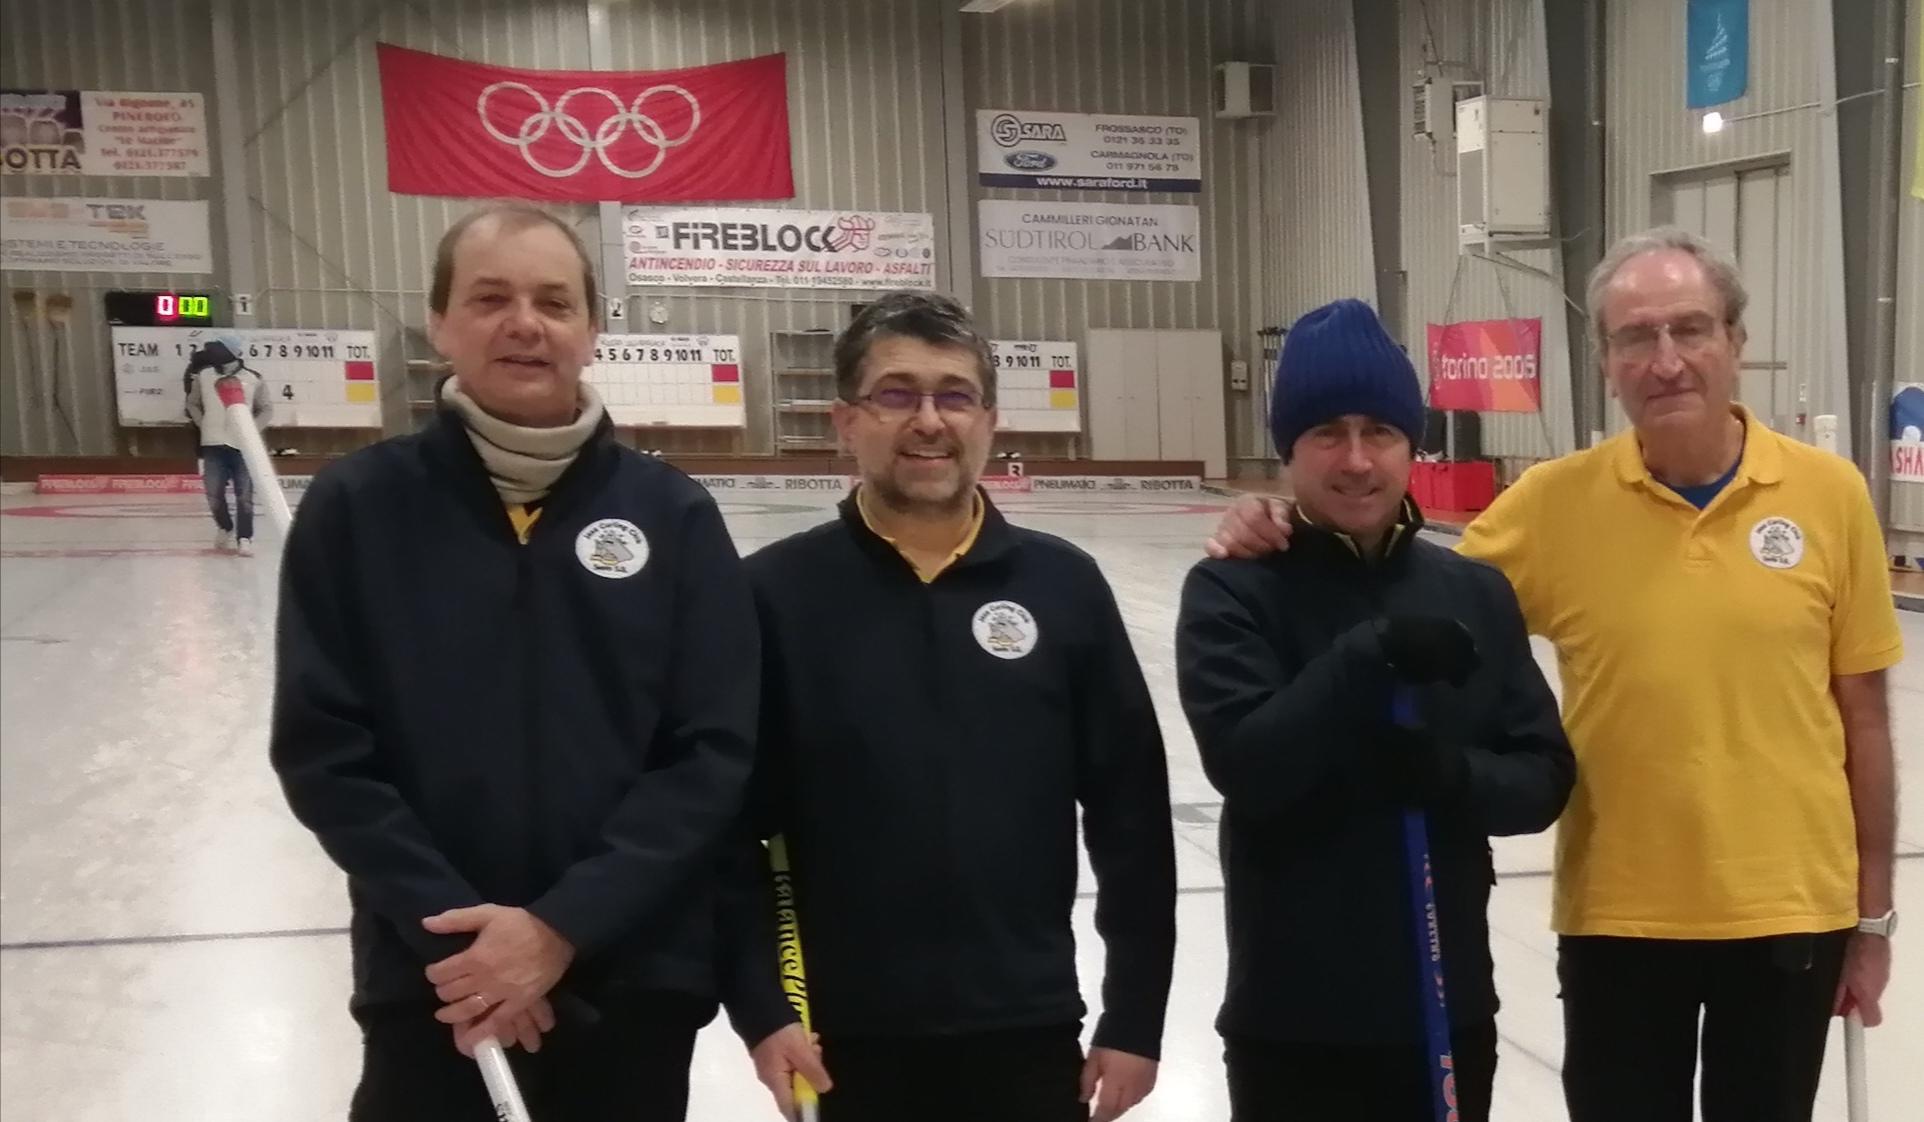 Campionato Over 50 Maschile, Pinerolo 21 e 22 dicembre 2019